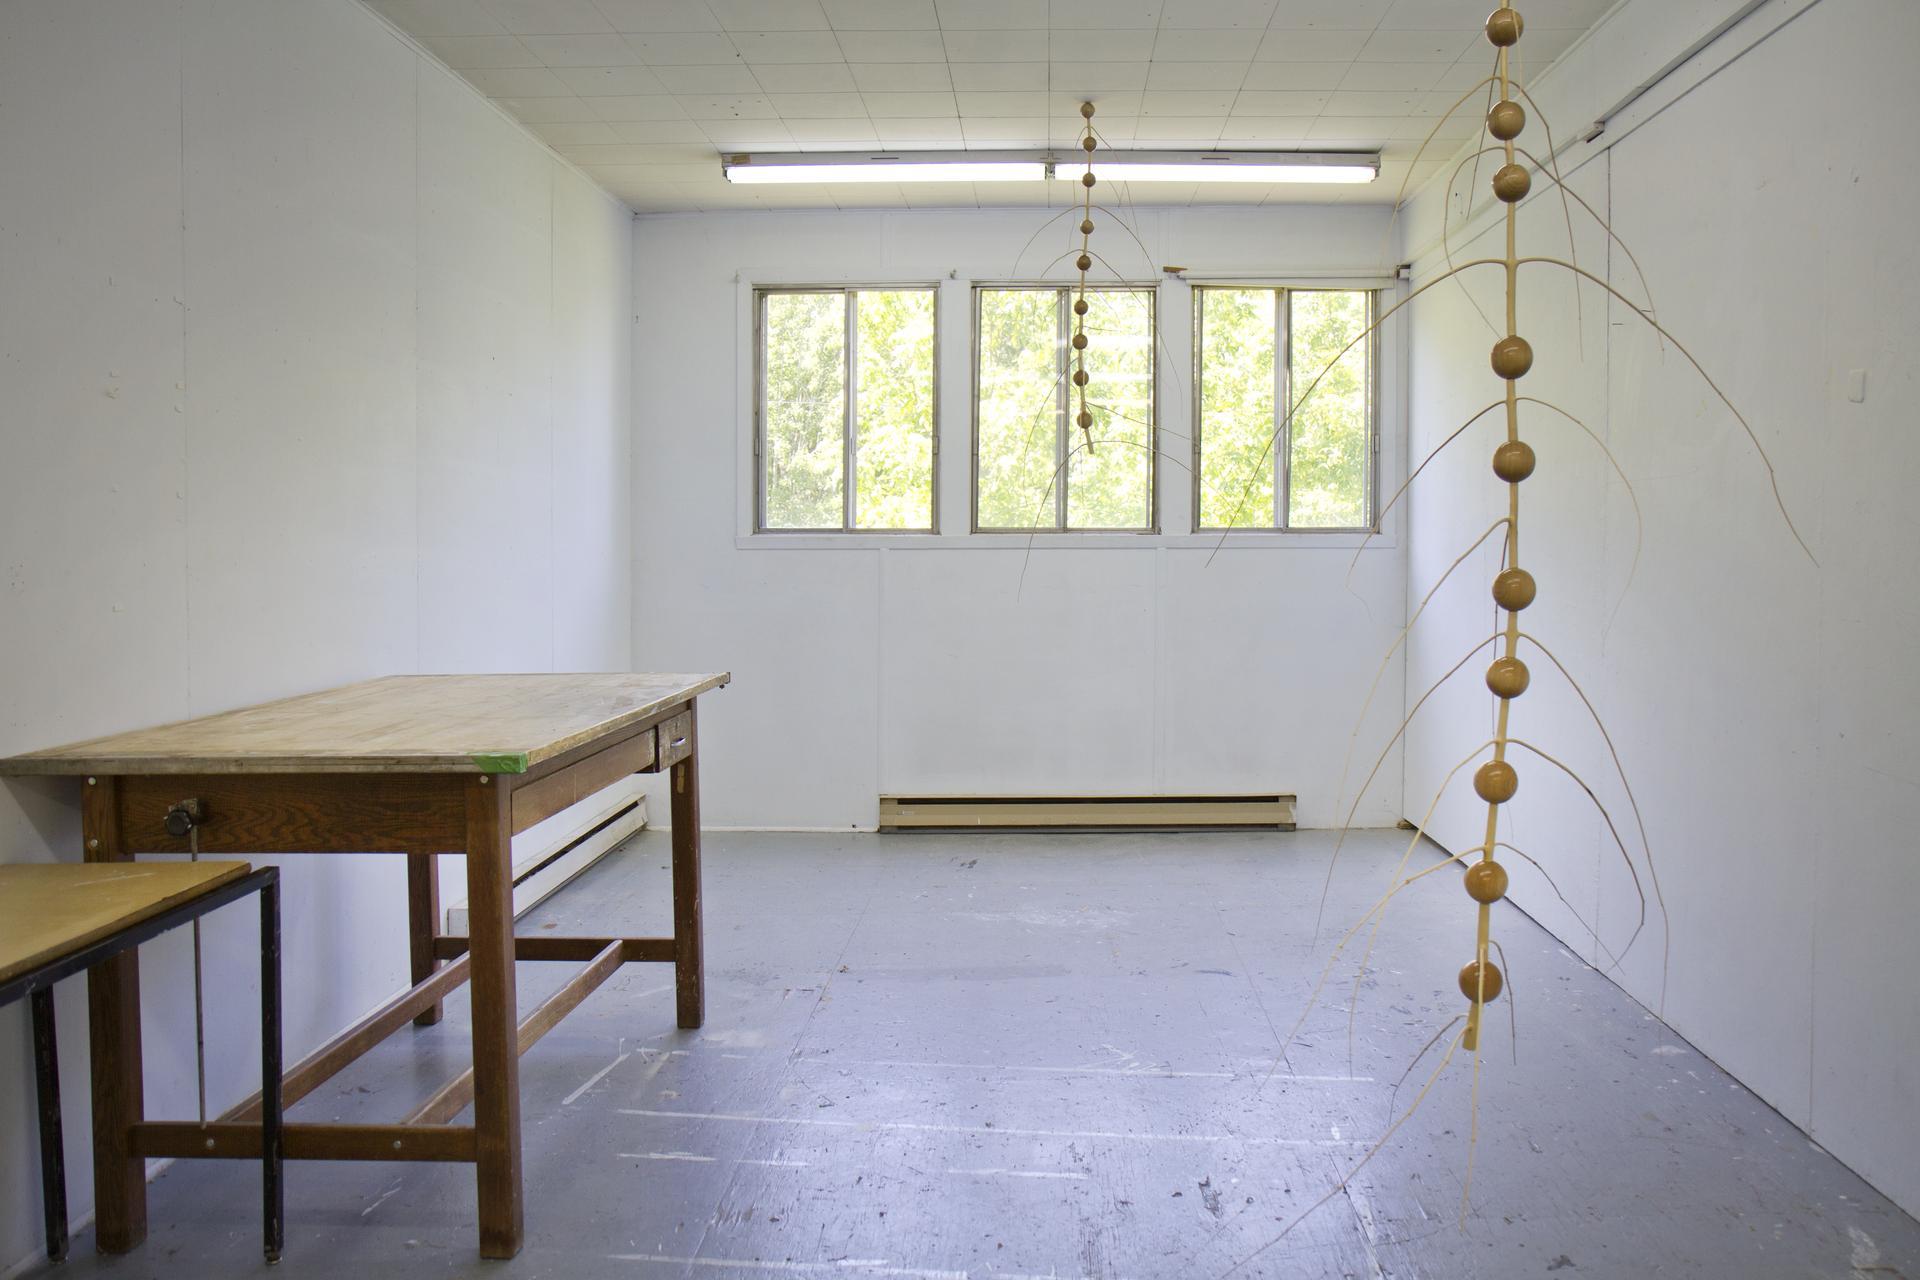 Vue de l'atelier de Joo-Hee Yang en résidence